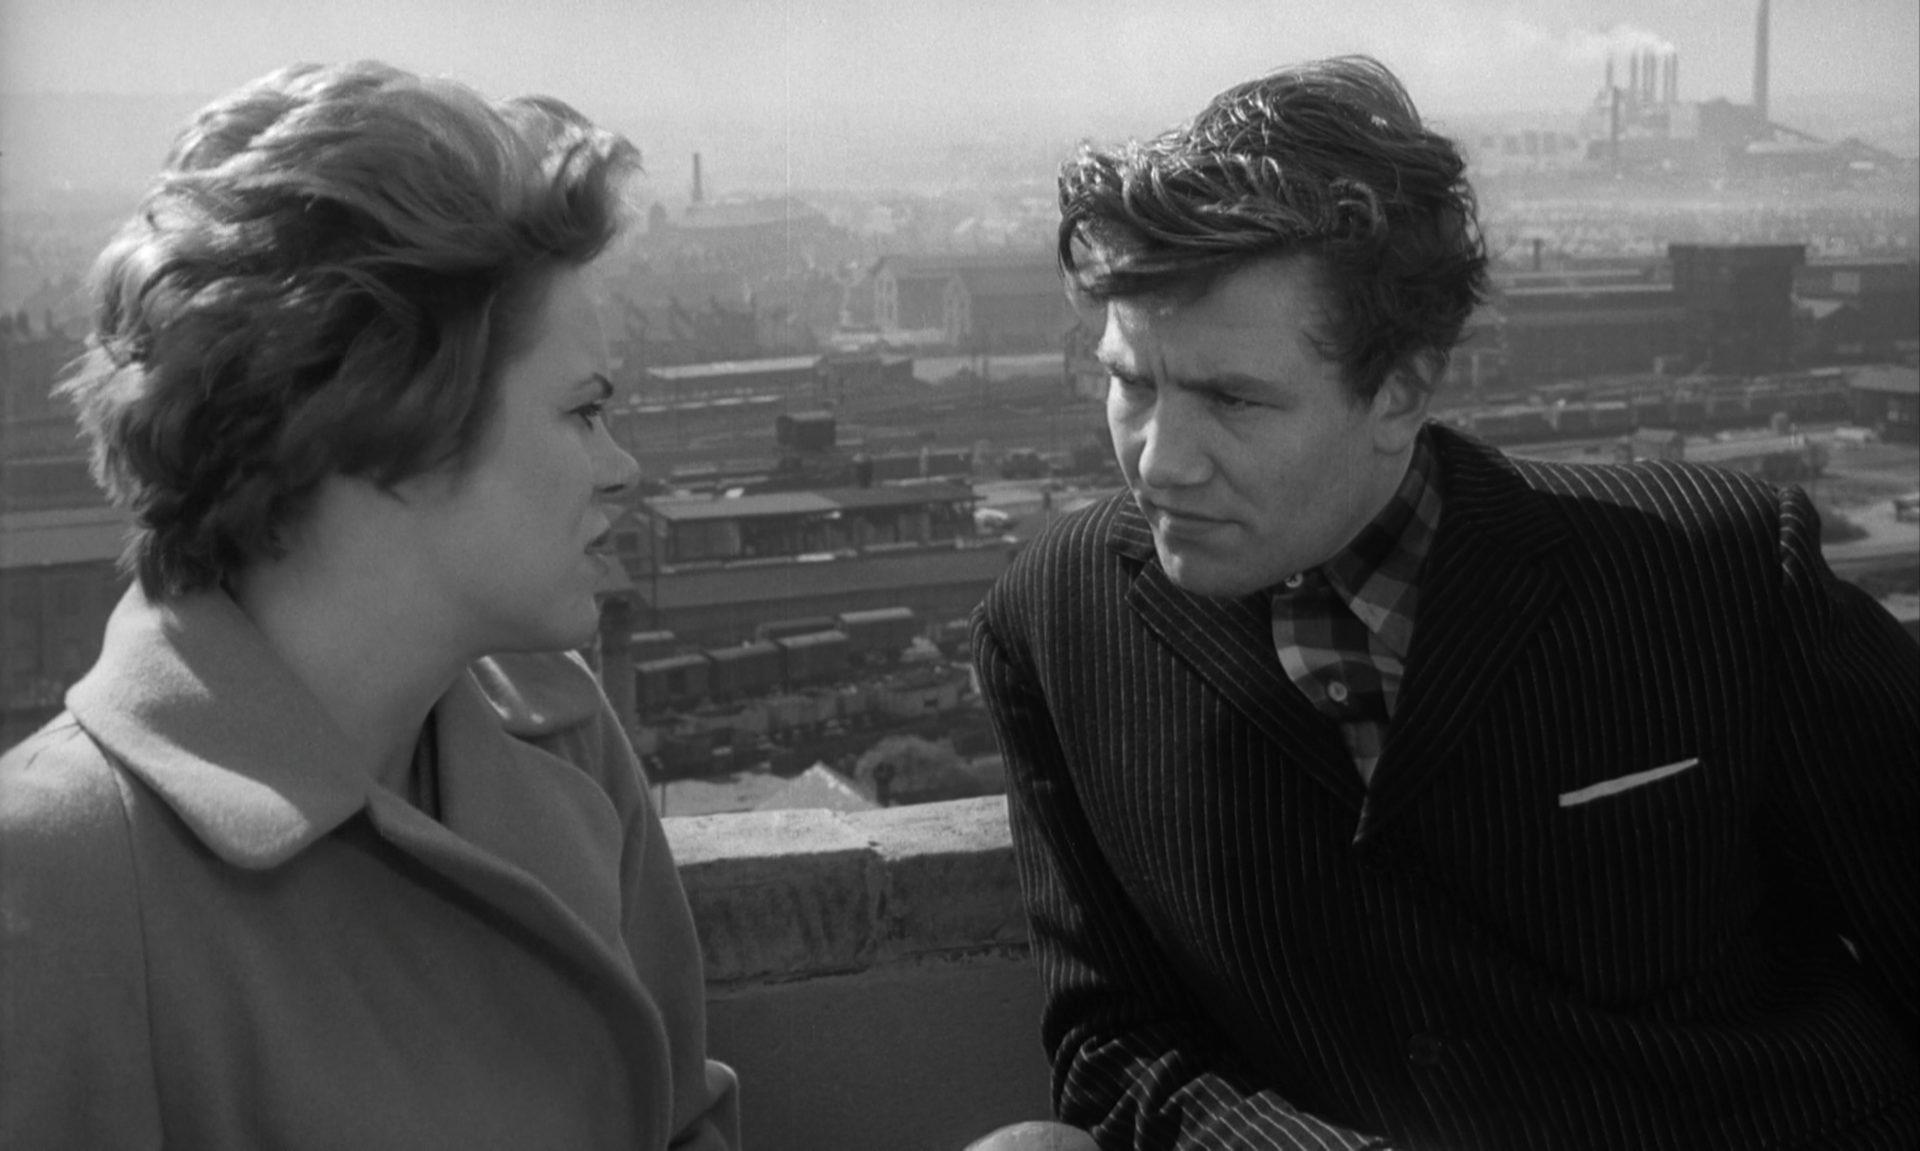 Rachel Roberts als Brenda und Albert Finney als Arthur Seaton im Gespräch vor dem Hintergrund einer Industriestadt.